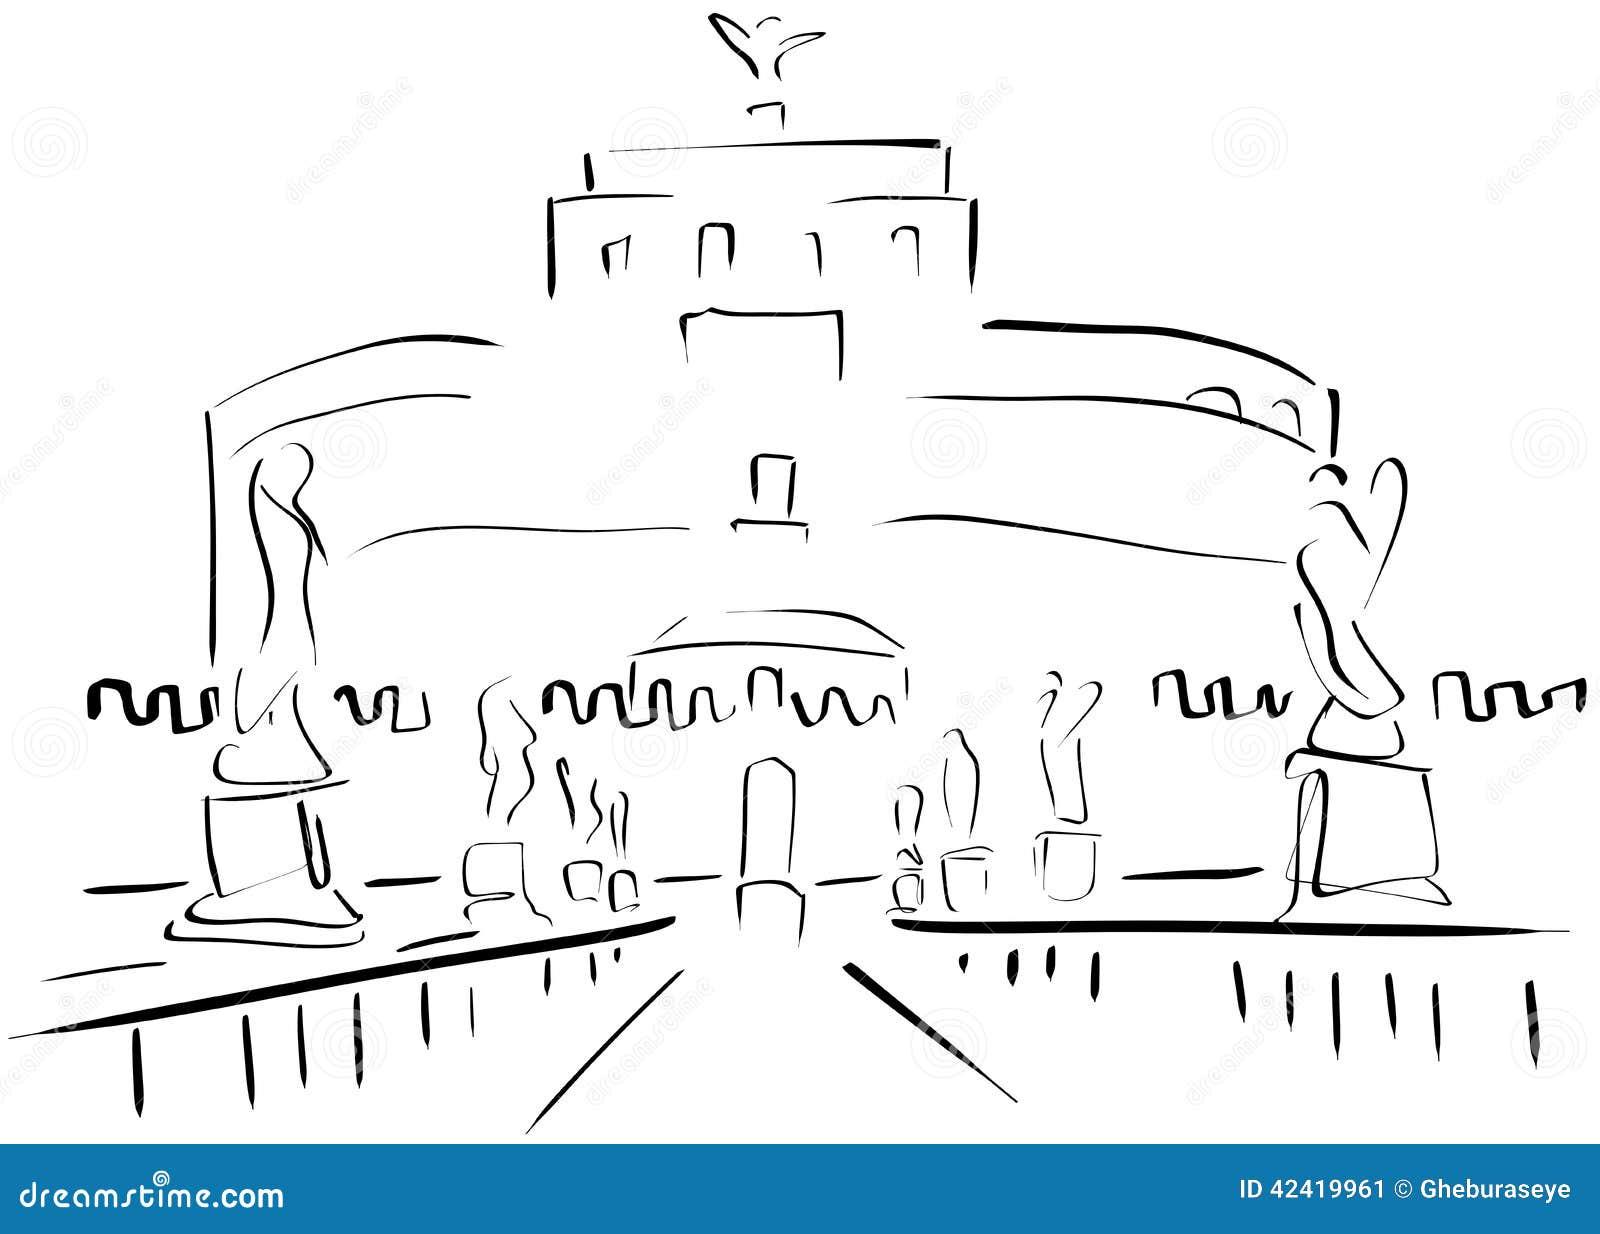 Schizzo del sant 39 angelo castle illustrazione vettoriale for Europeo arredamenti mosciano sant angelo